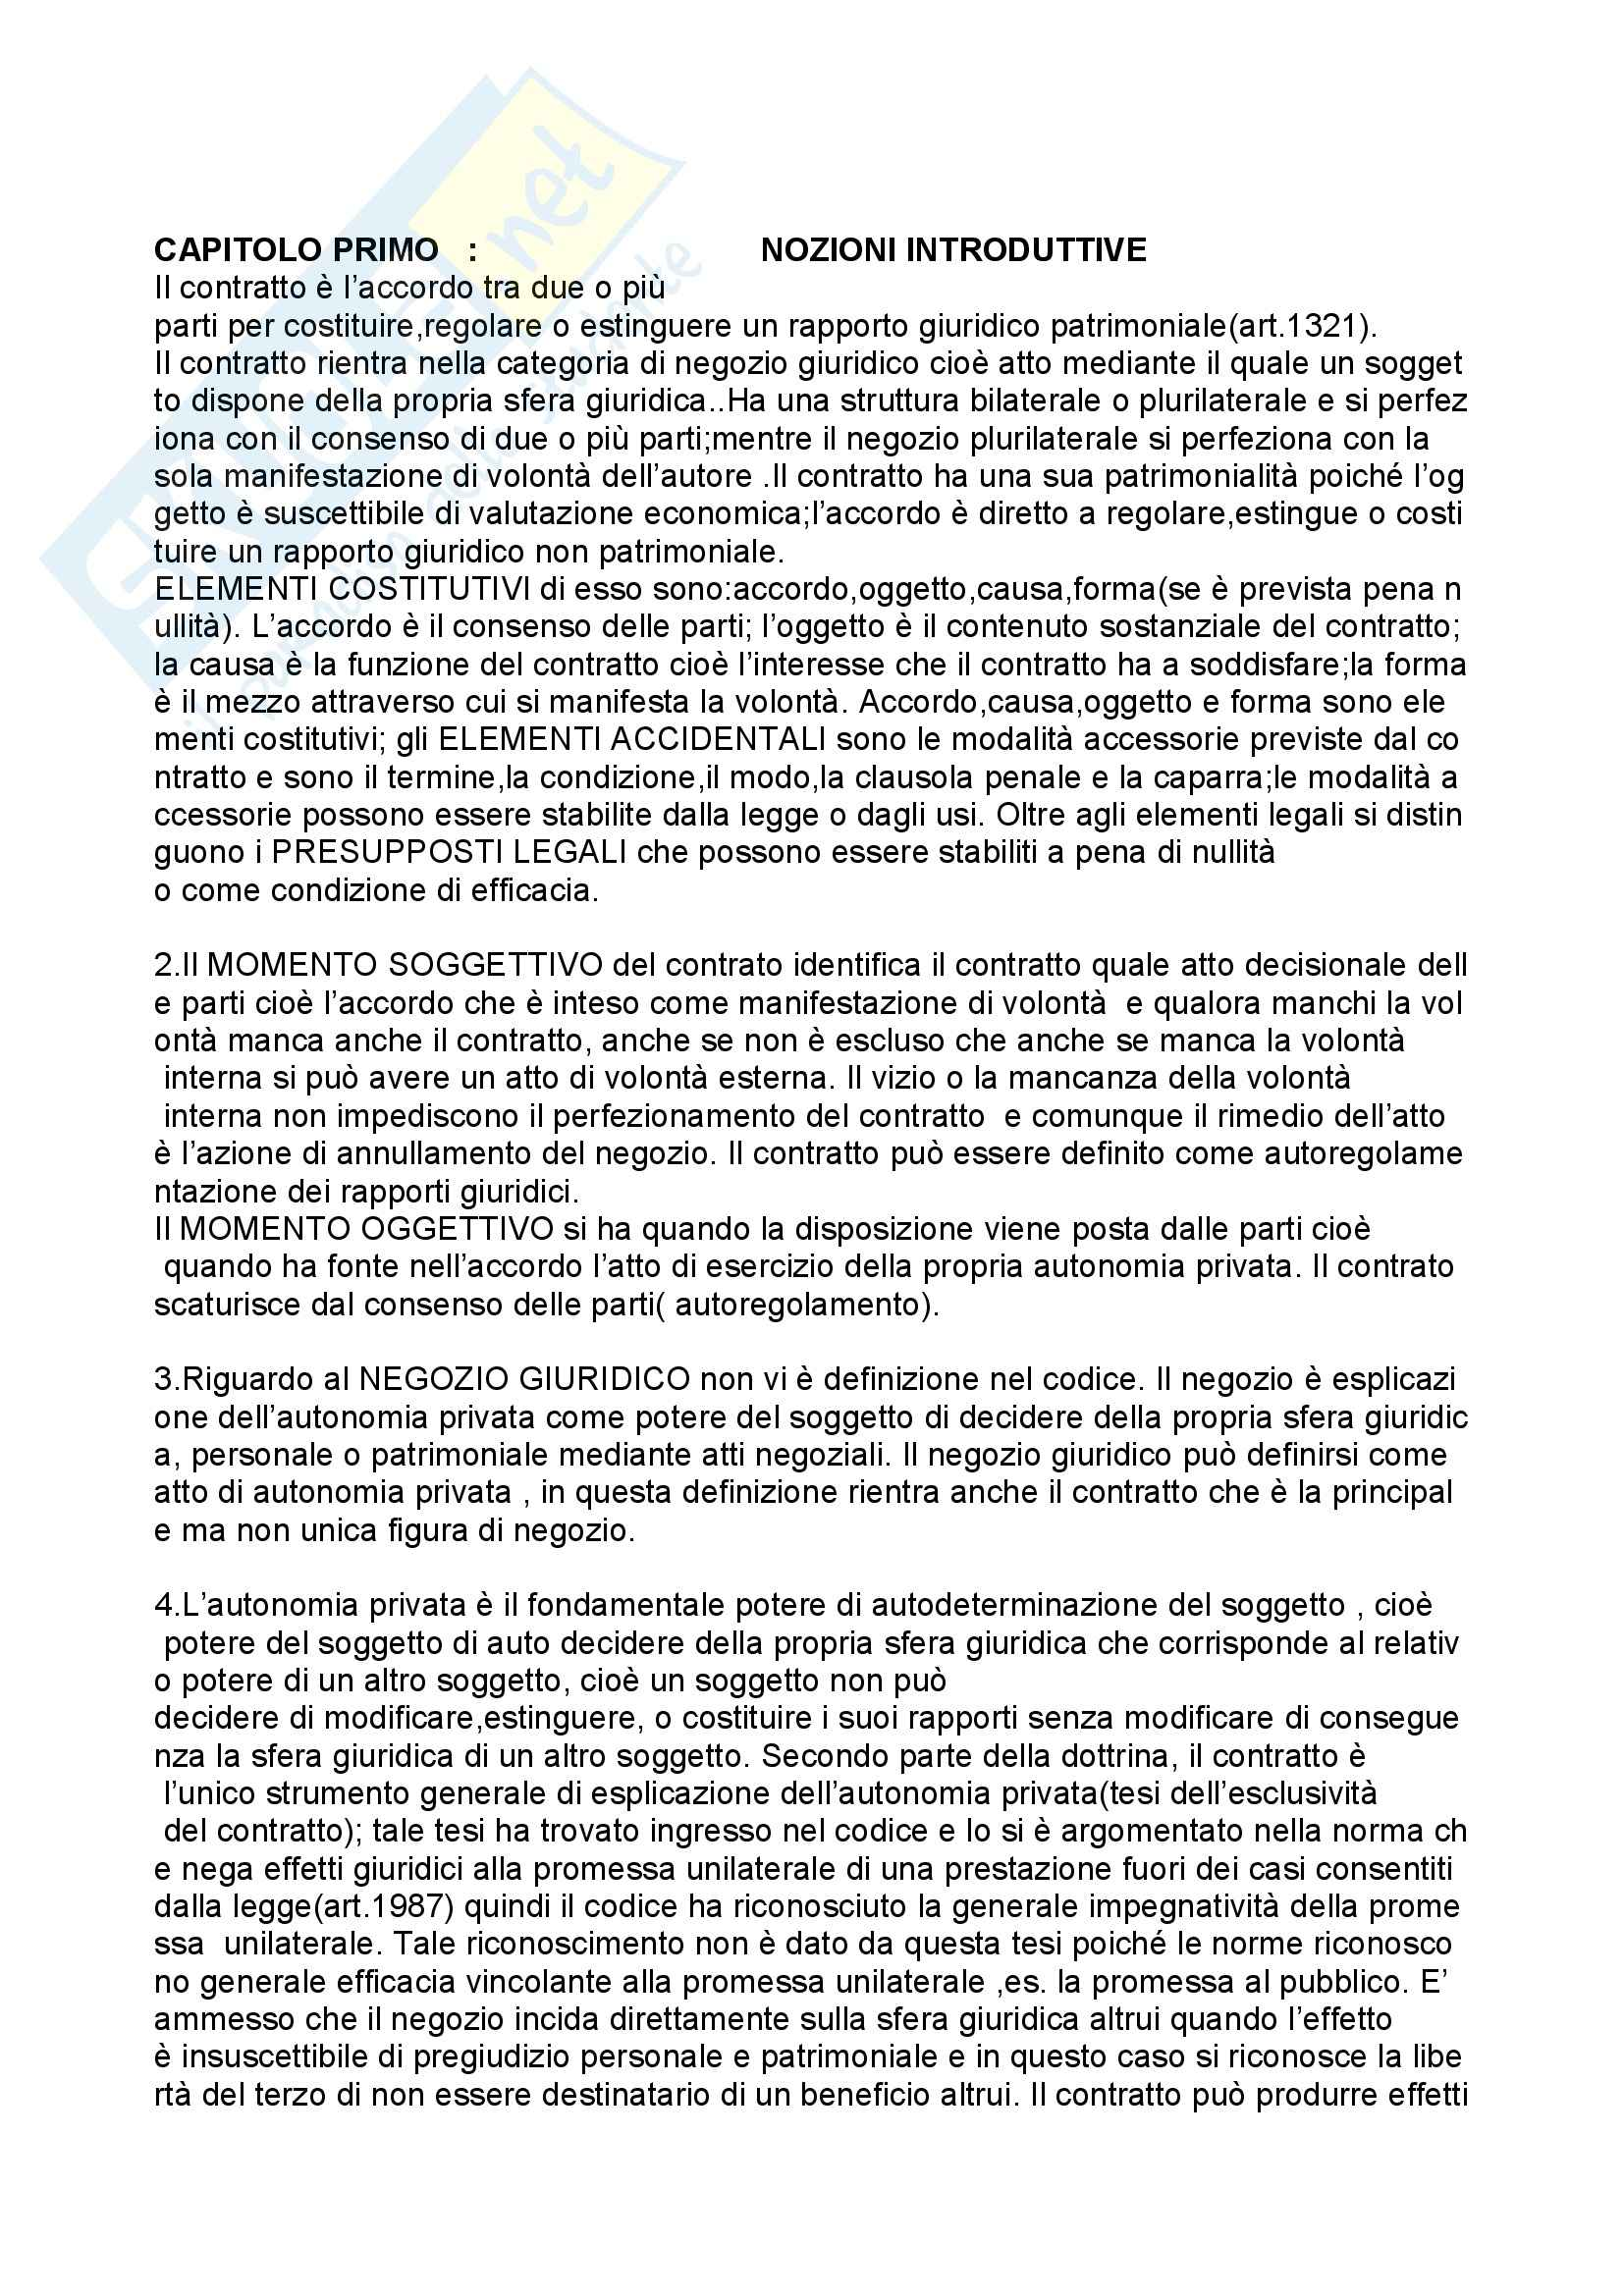 Il contratto, Roppo - Appunti